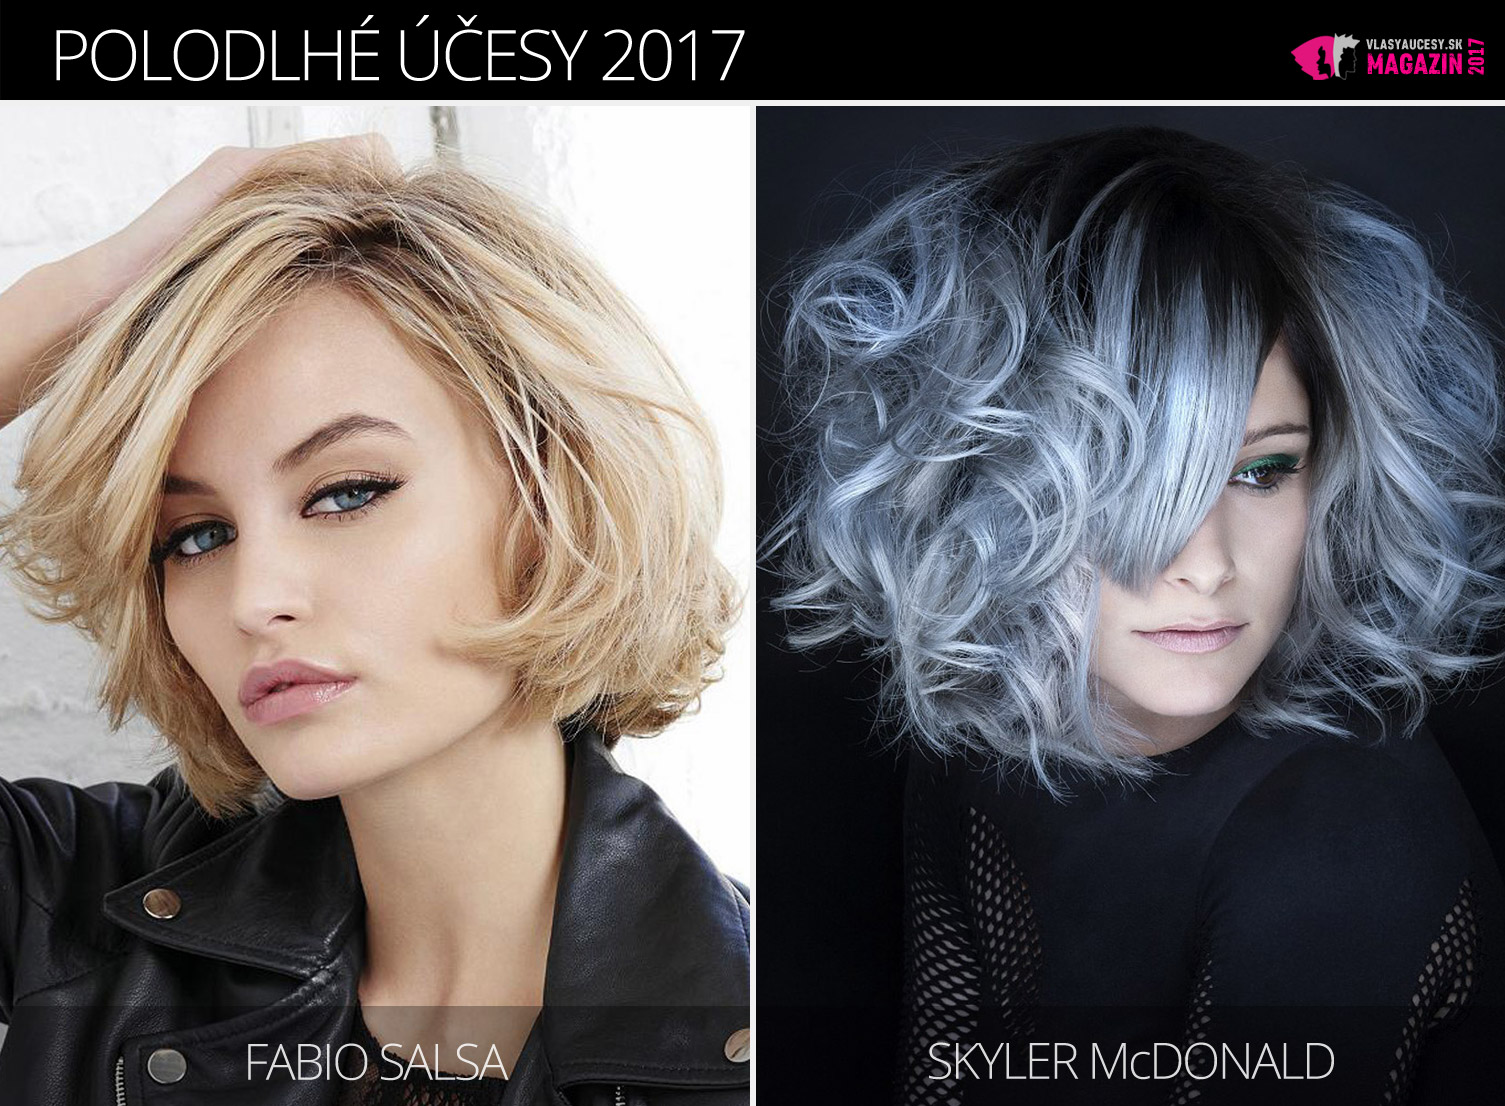 Tipy redakcie magazínu Vlasy a účesy na trendy polodlhé účesy zima 2017. Účesy pre polodlhé vlasy 2017 sú z kolekcií Fabio Salsa a Skyler McDonald.